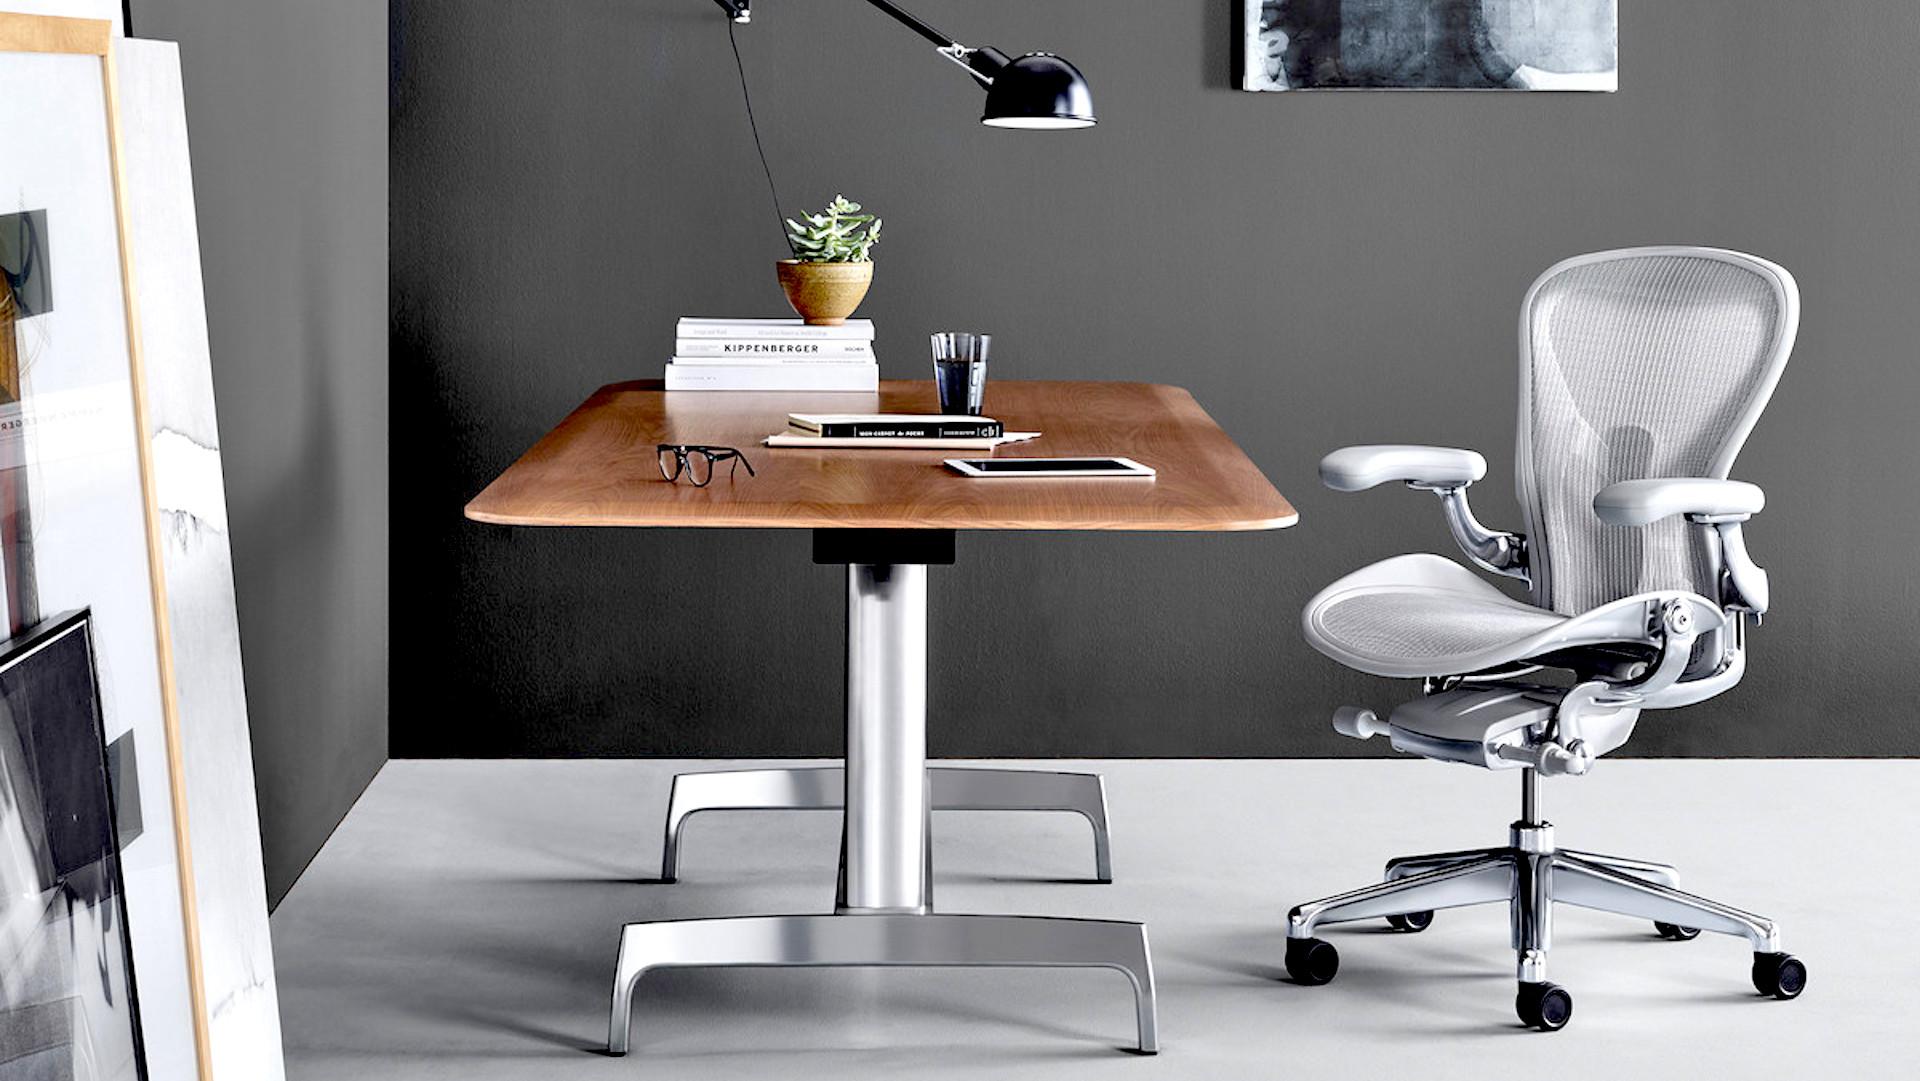 Silla de trabajo ergonómica en una oficina